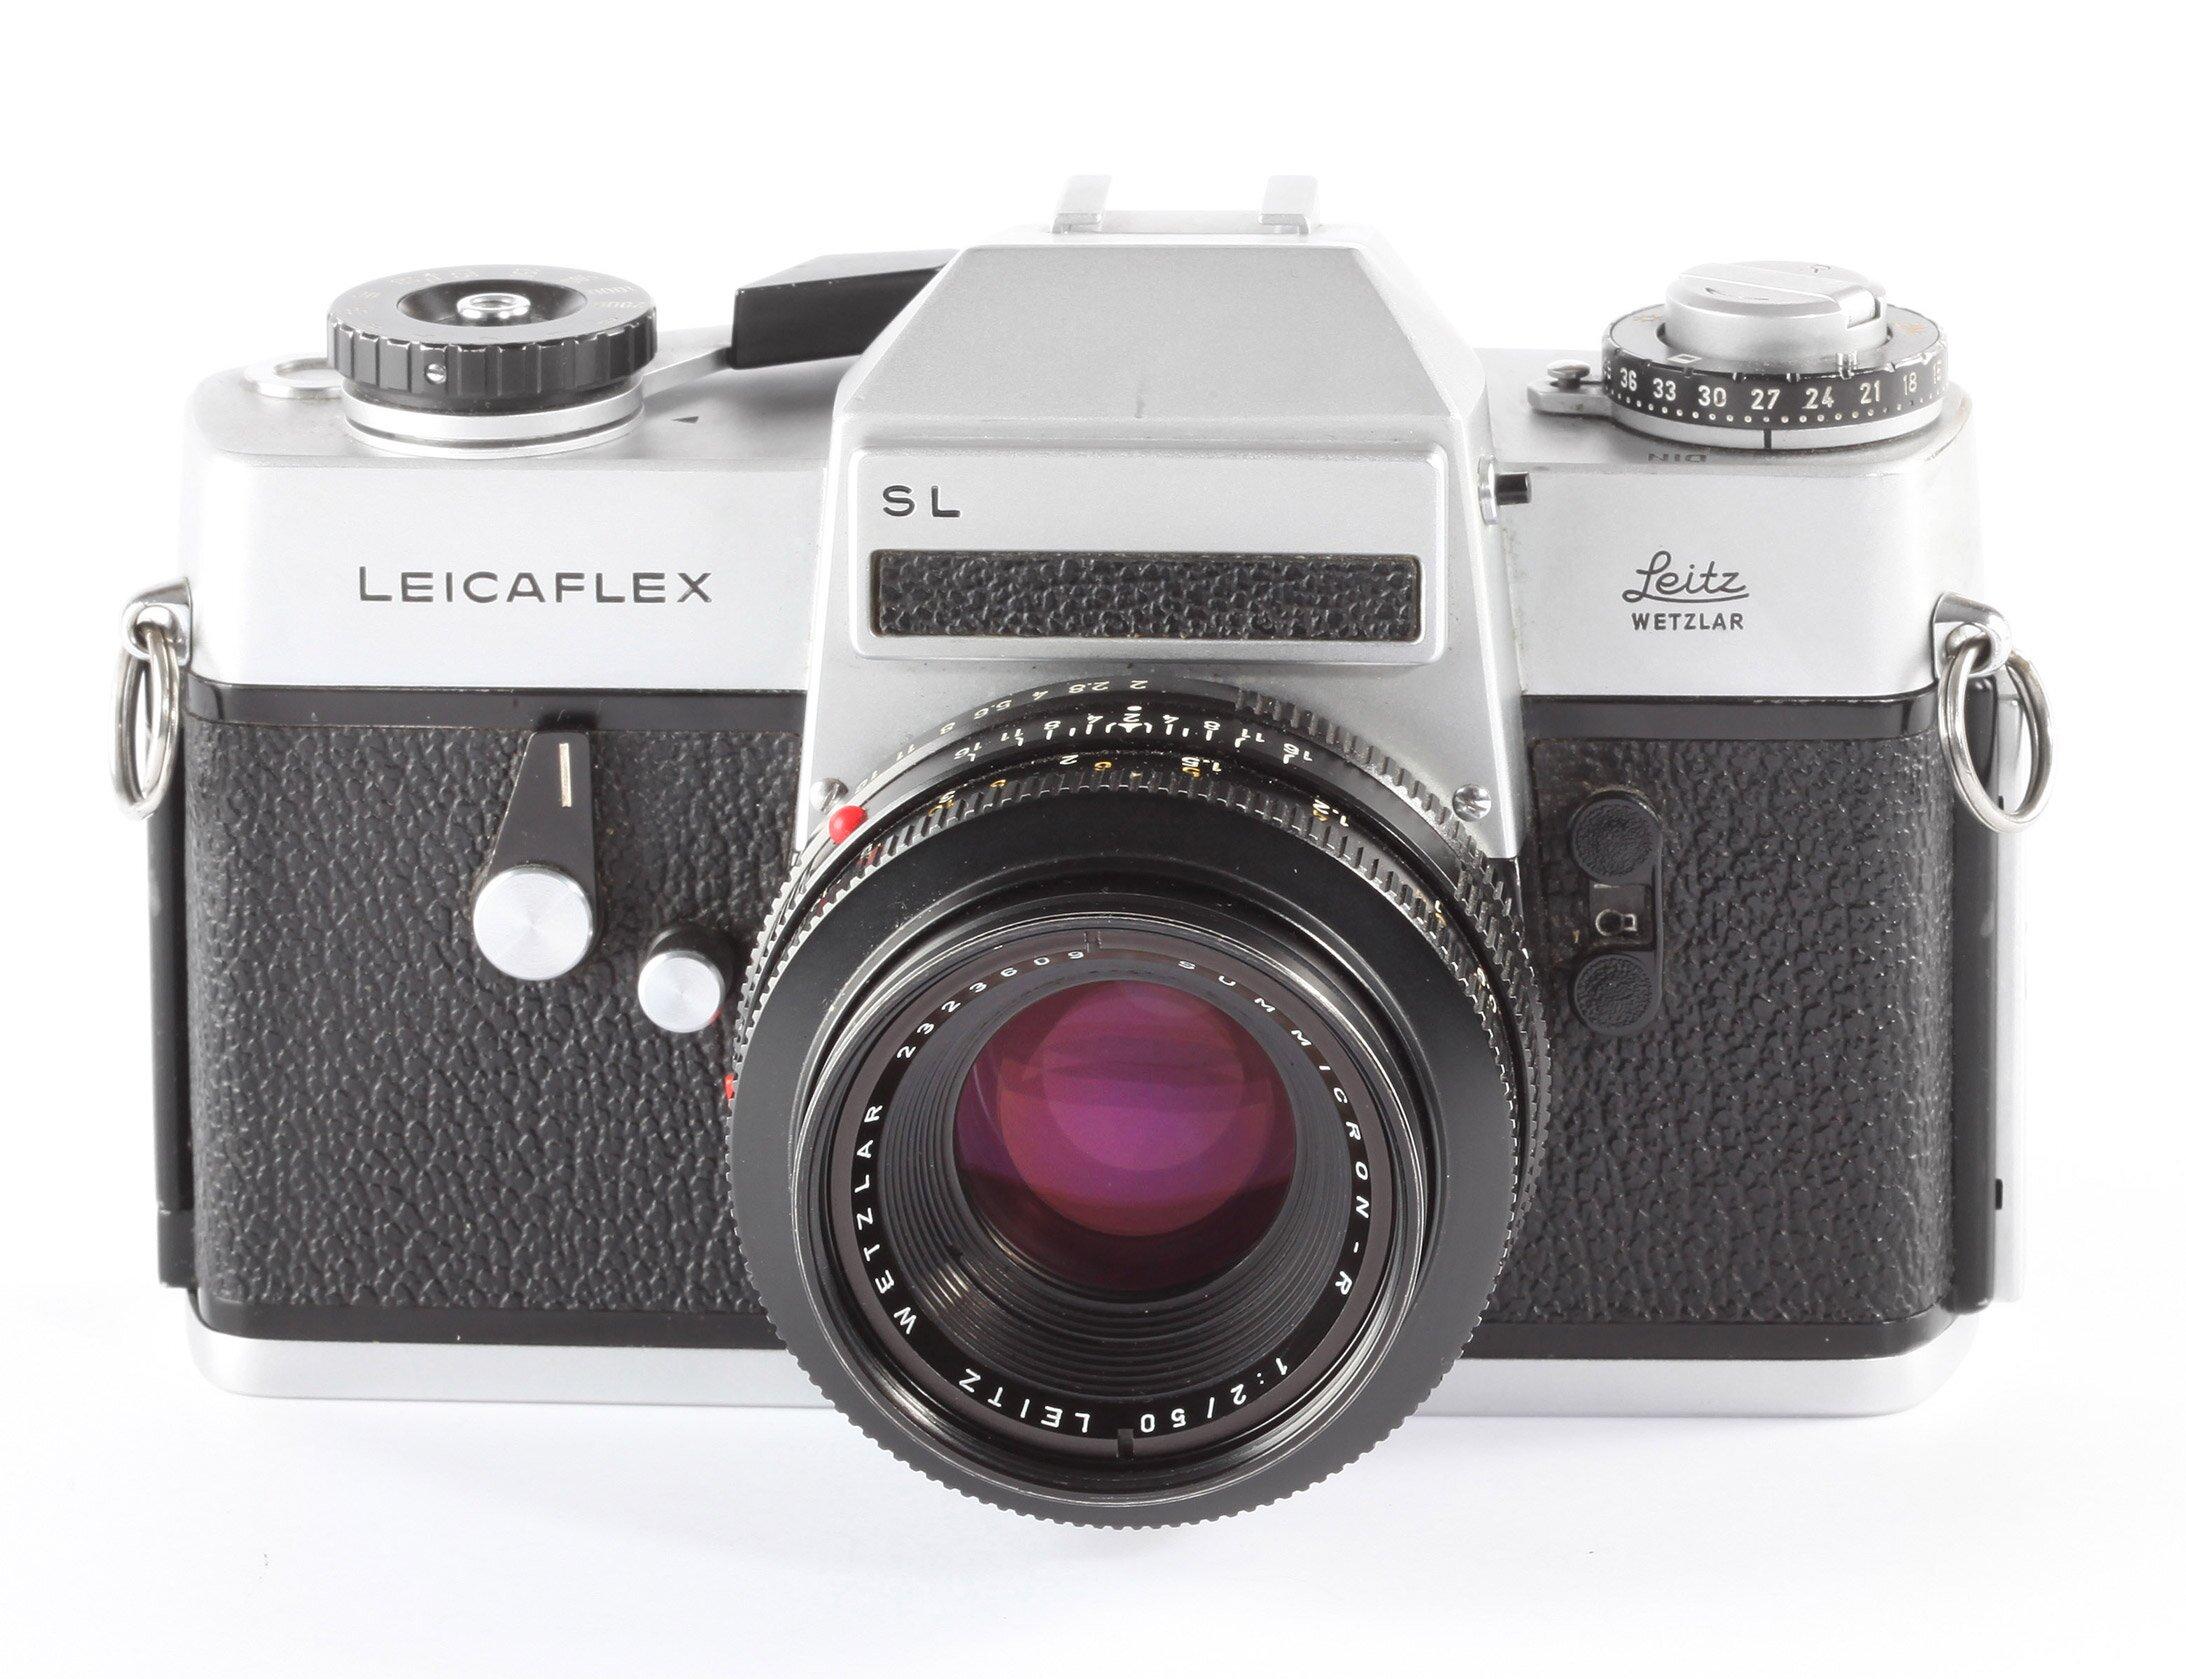 Leicaflex SL Leitz Summicron-R2/50mm